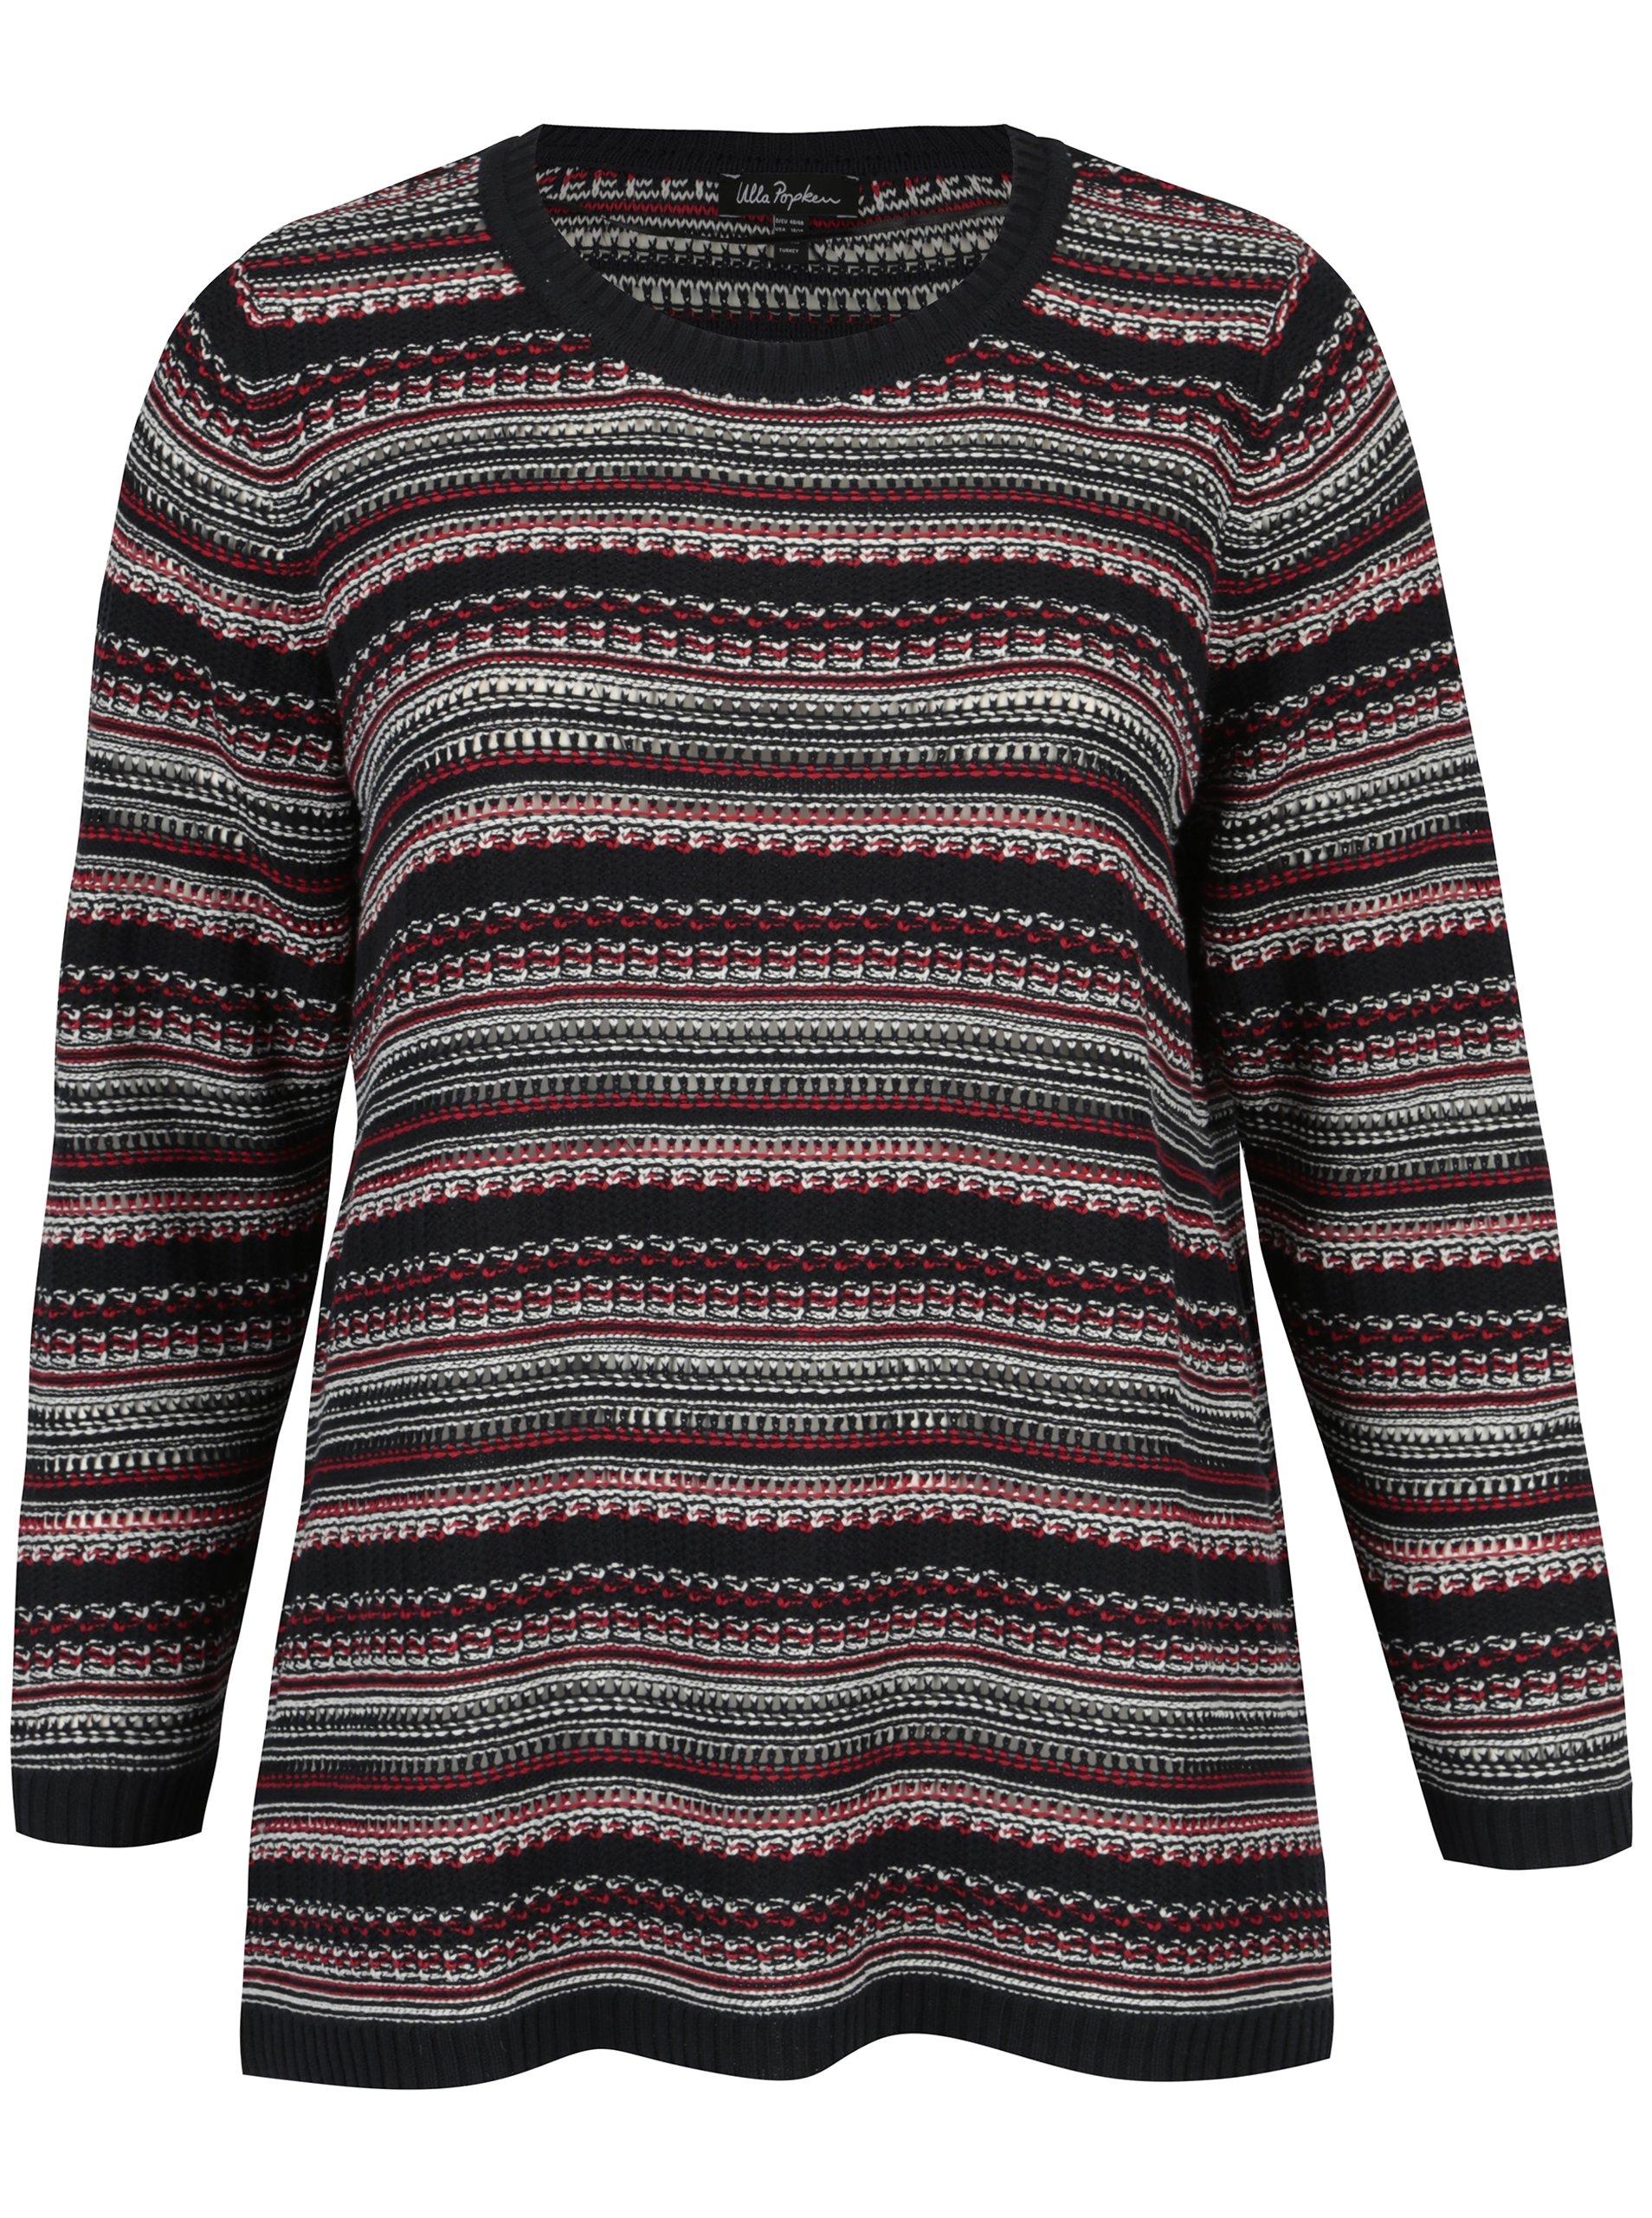 593e6d1778ce Tmavomodrý pruhovaný sveter Ulla Popken